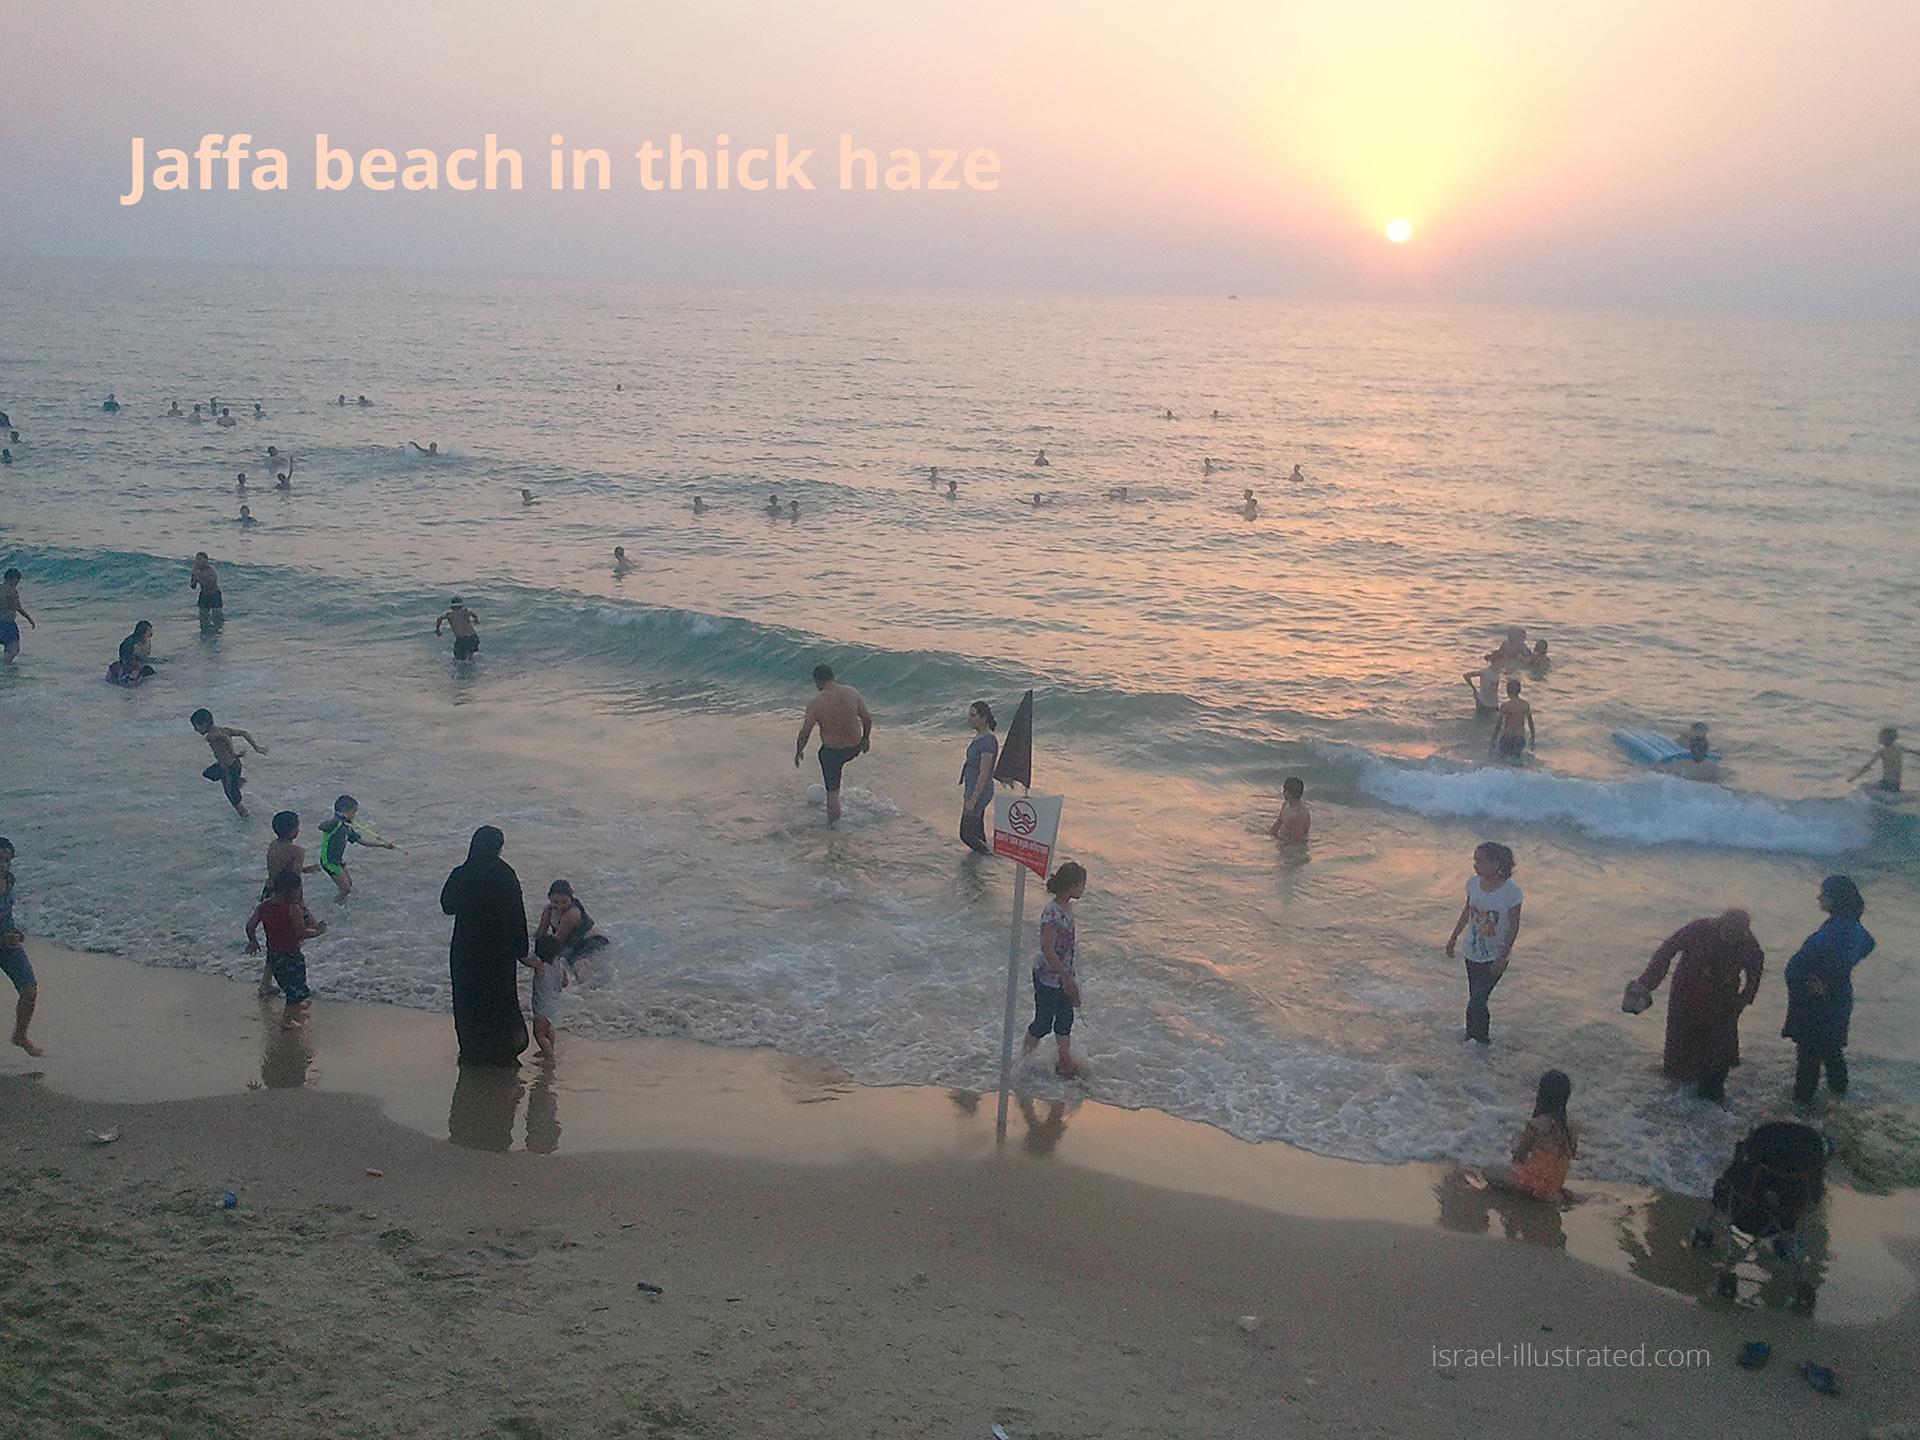 Severe Haze in Jaffa beach